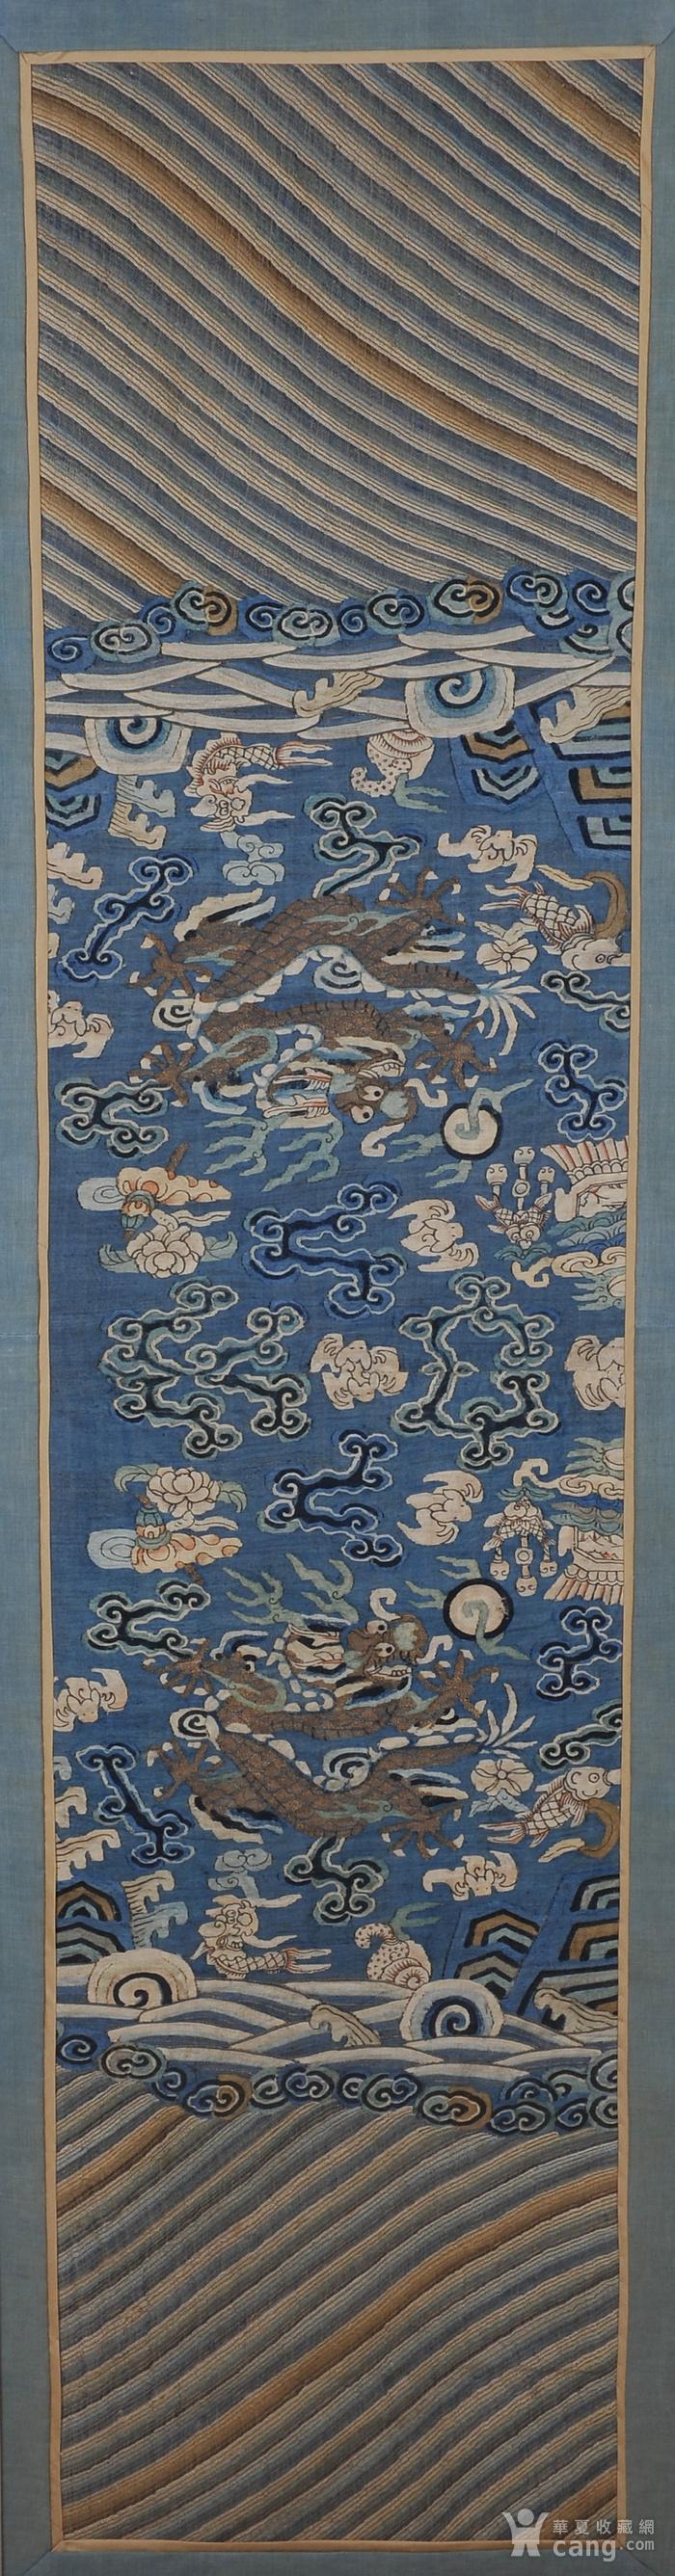 欧美回流 清 缂丝云龙海水纹条幅图1